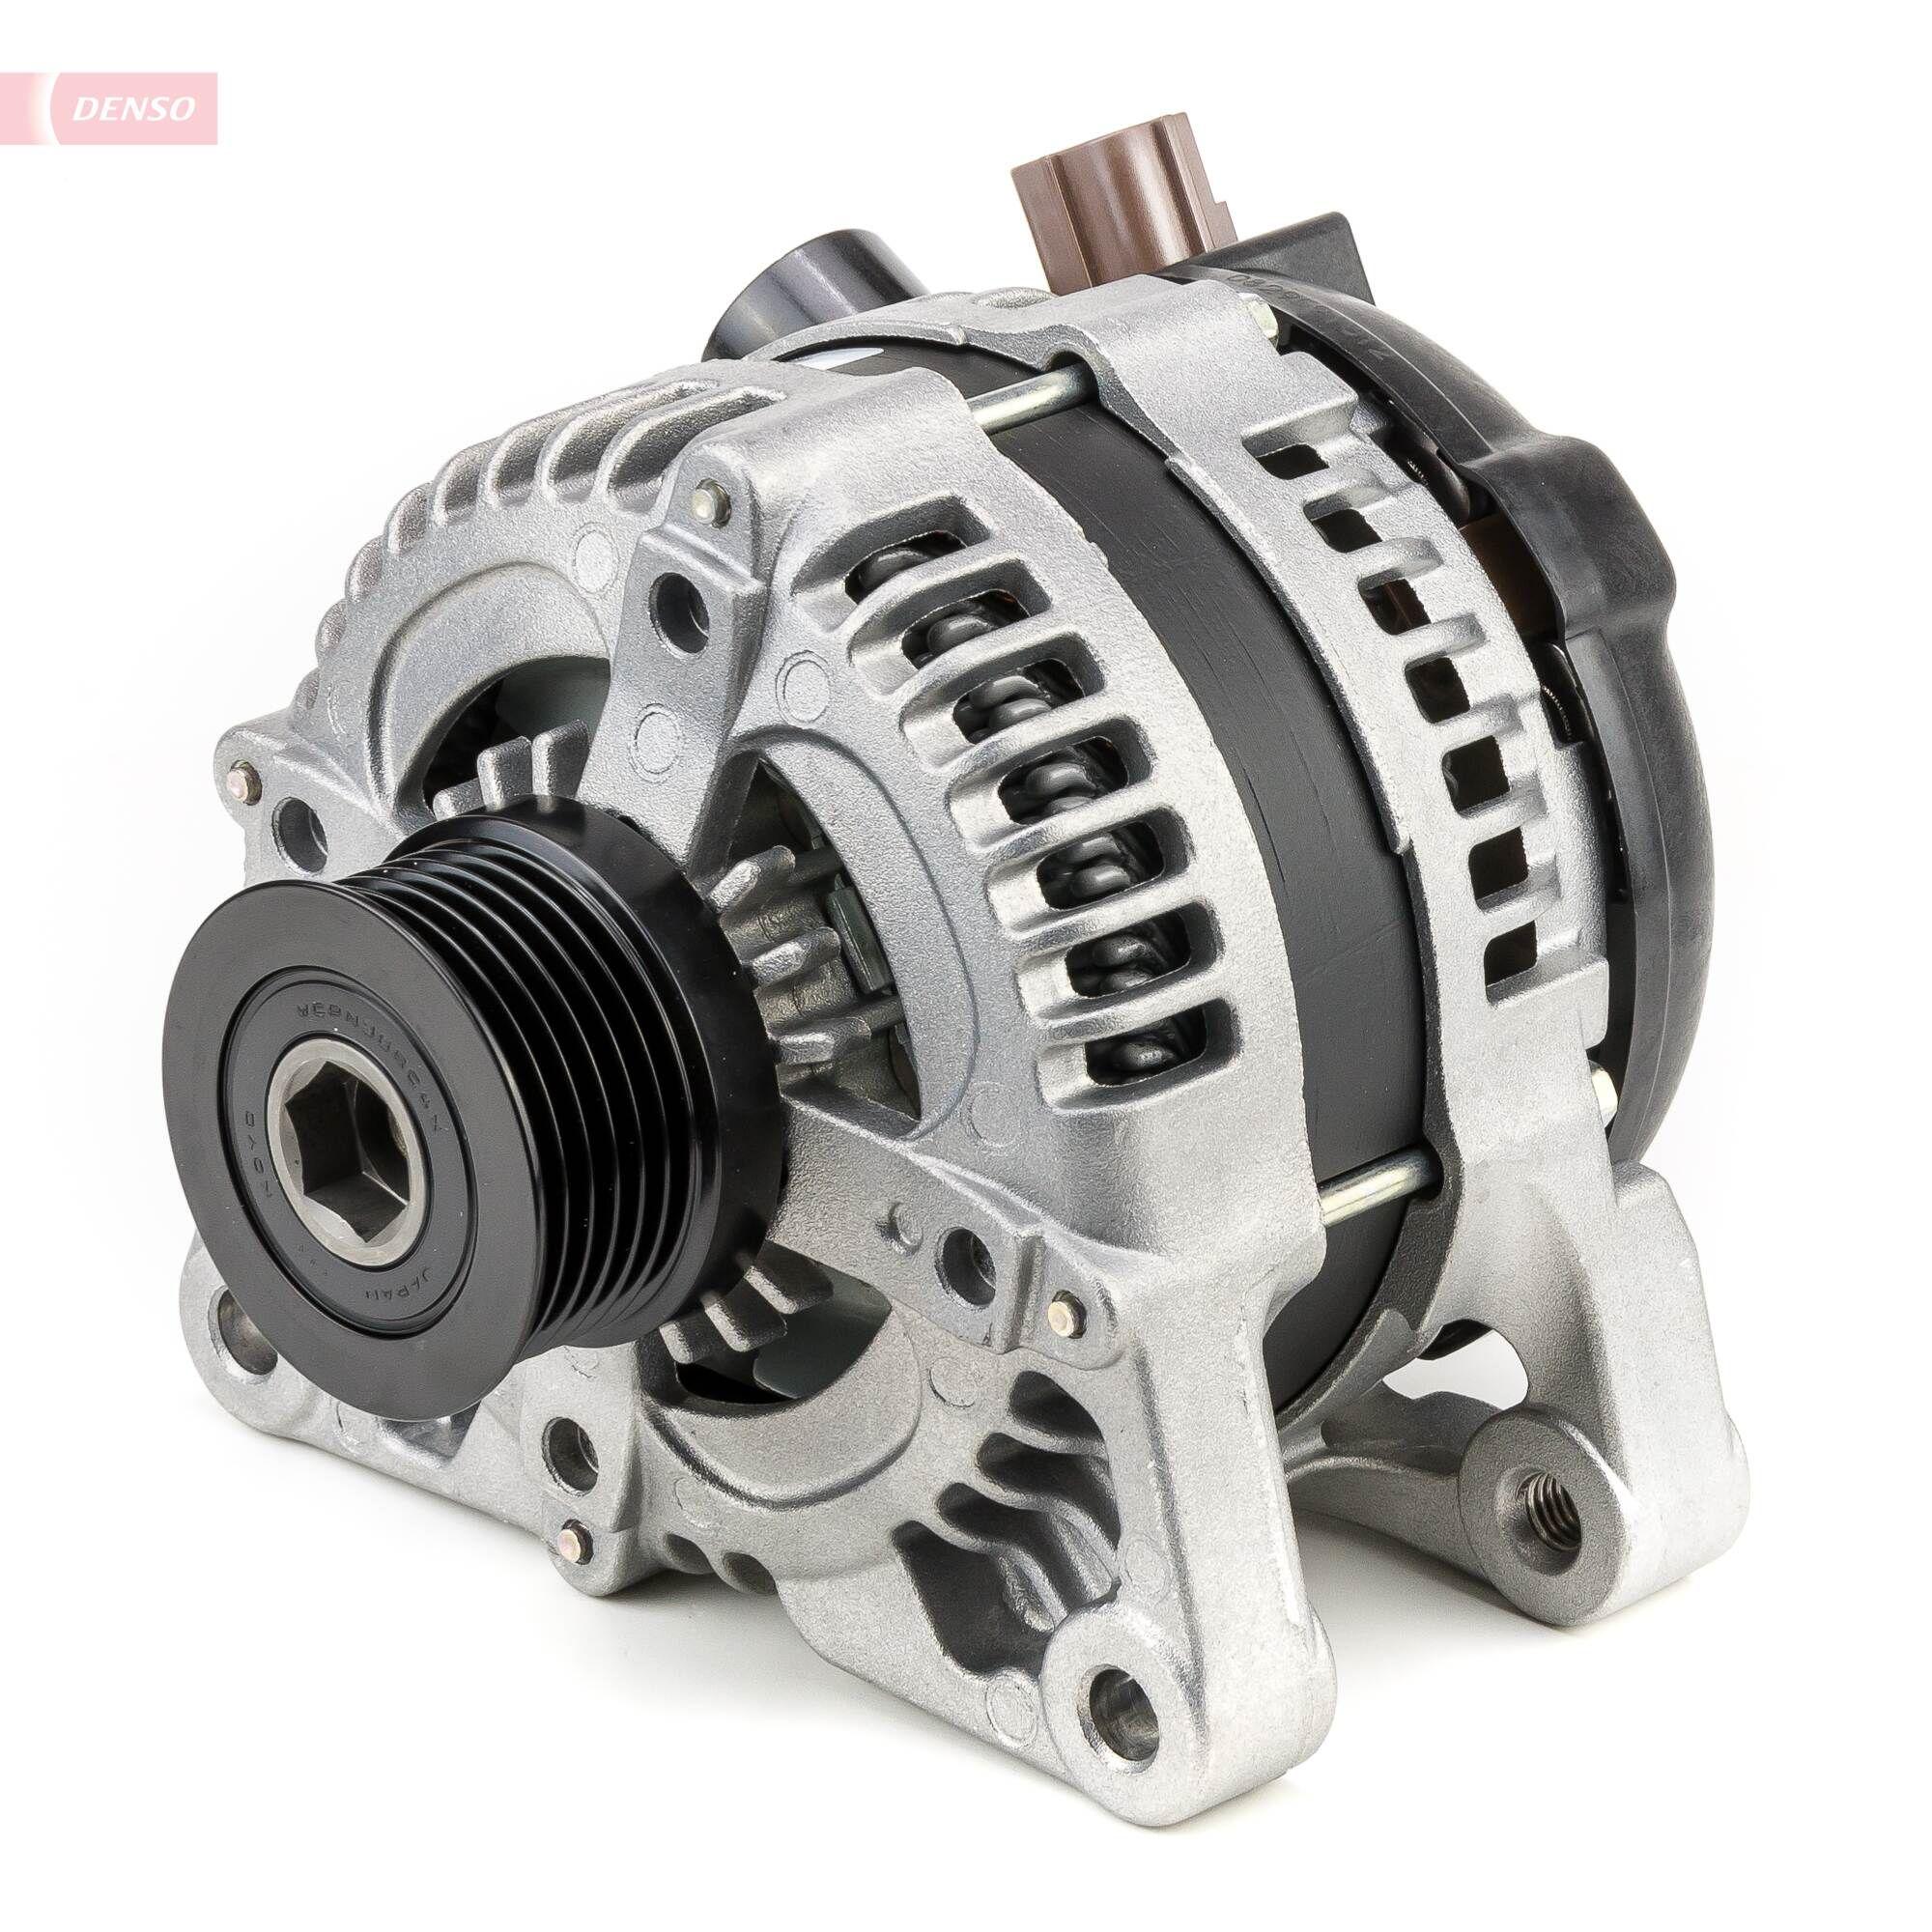 Originali Generatore DAN930 Carbodies